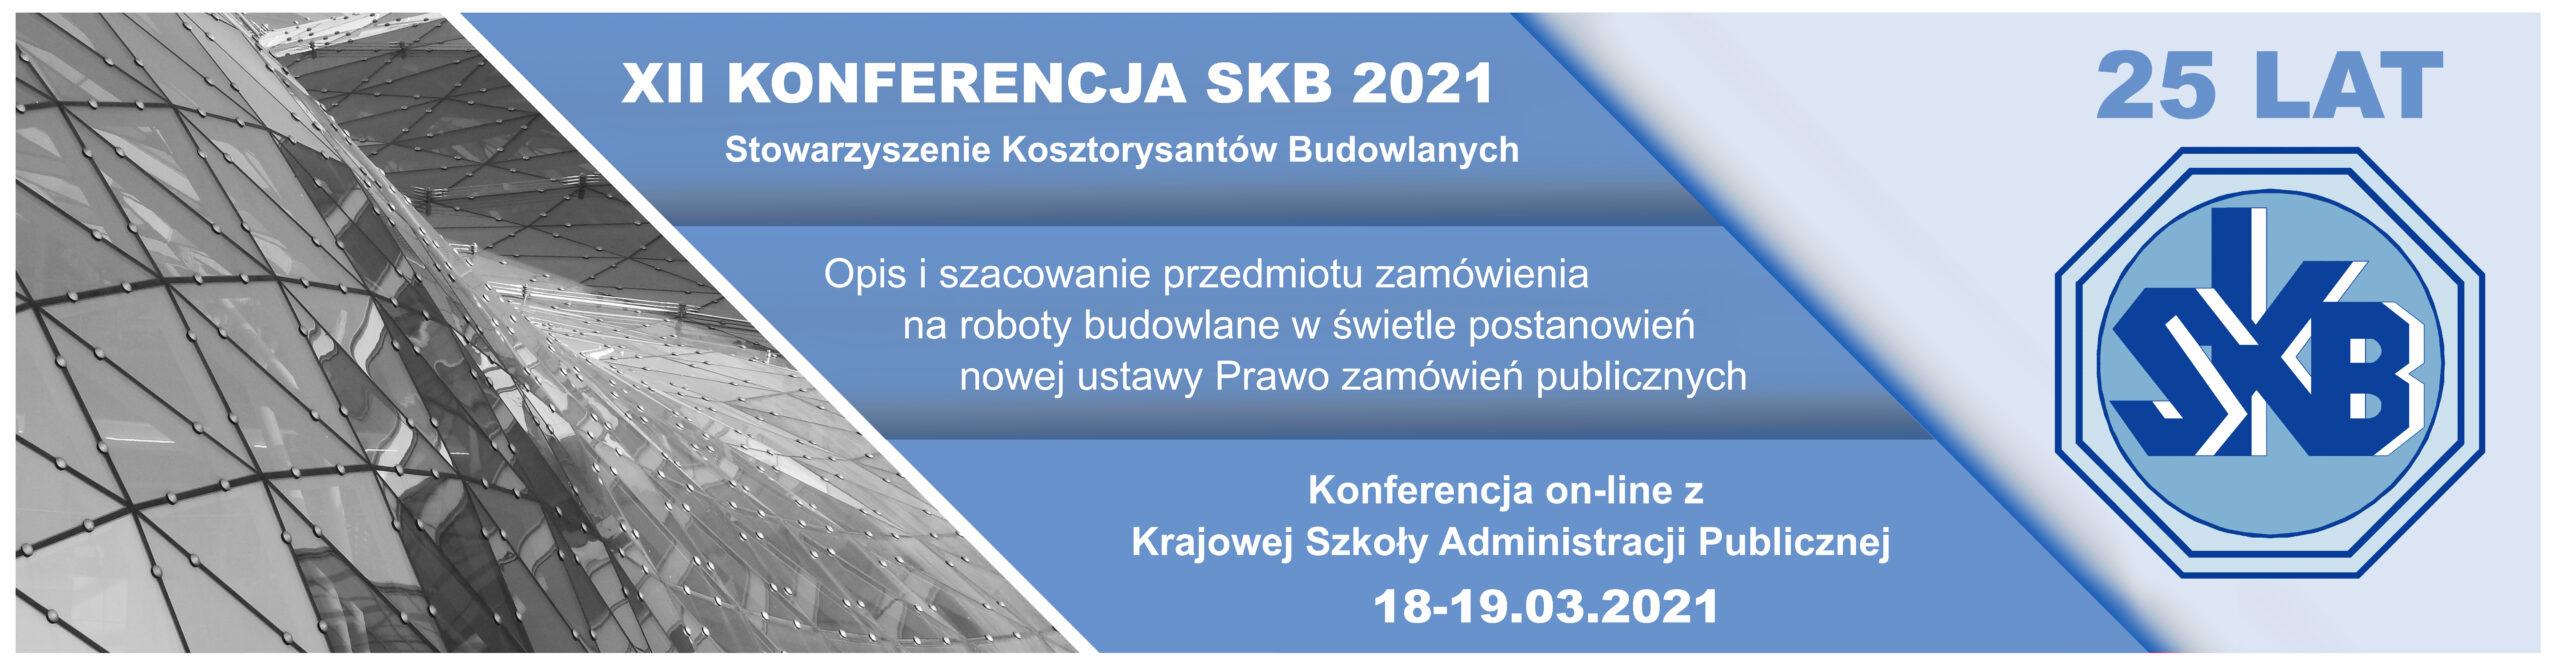 XII Konferencja Stowarzyszenia Kosztorysantów Budowlanych 2021